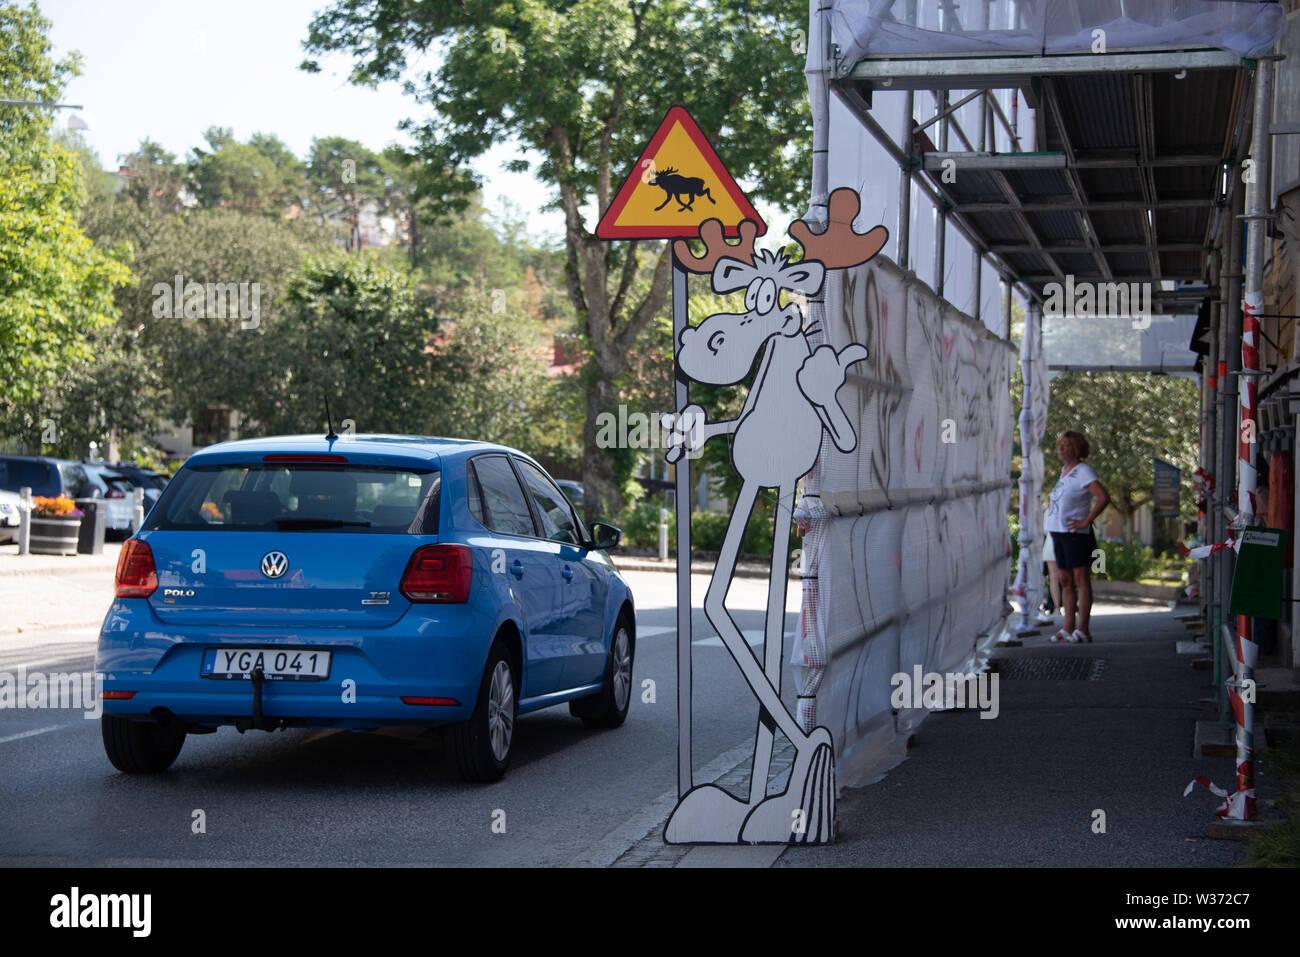 Strömstad, Sweden - July 11, 2019: View of an elk sign on a road in Strömstad, Sweden. - Stock Image